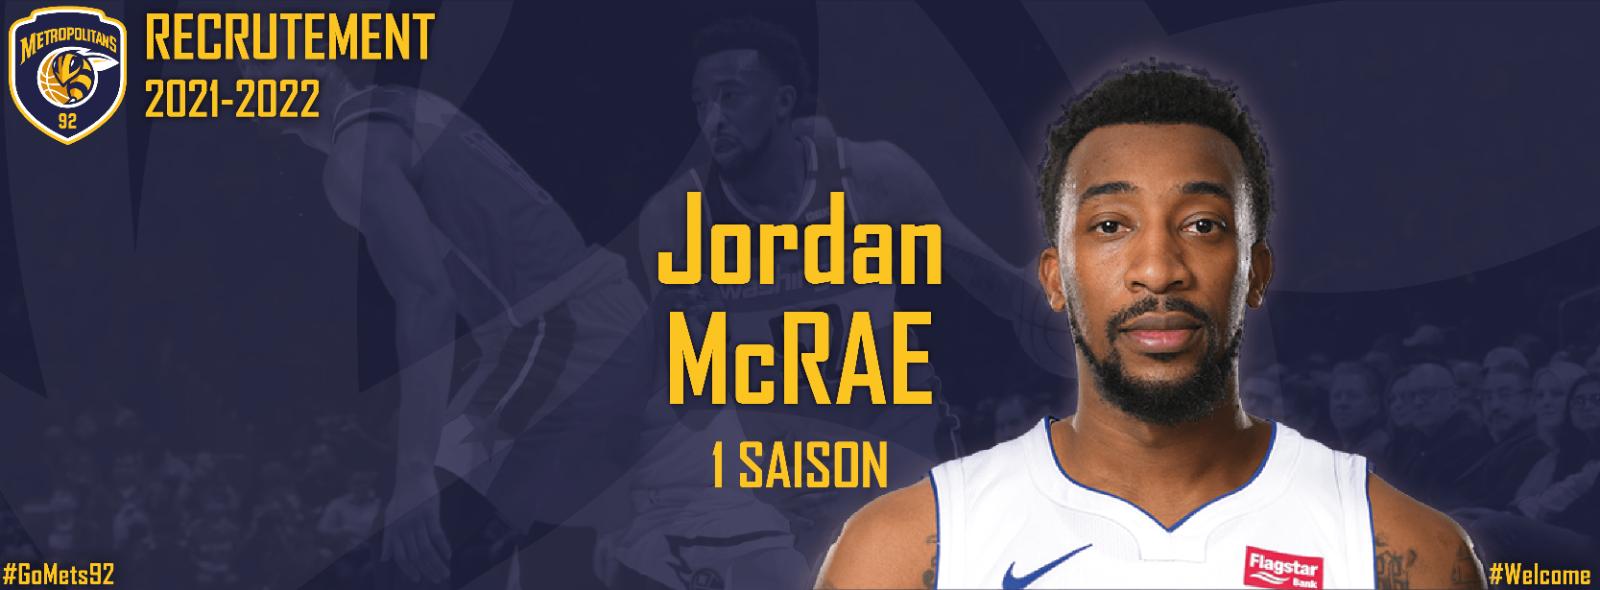 Recrutement - L'ailier scoreur Jordan McRae complète l'effectifdes Metropolitans 92 pour la saison 2021-2022!